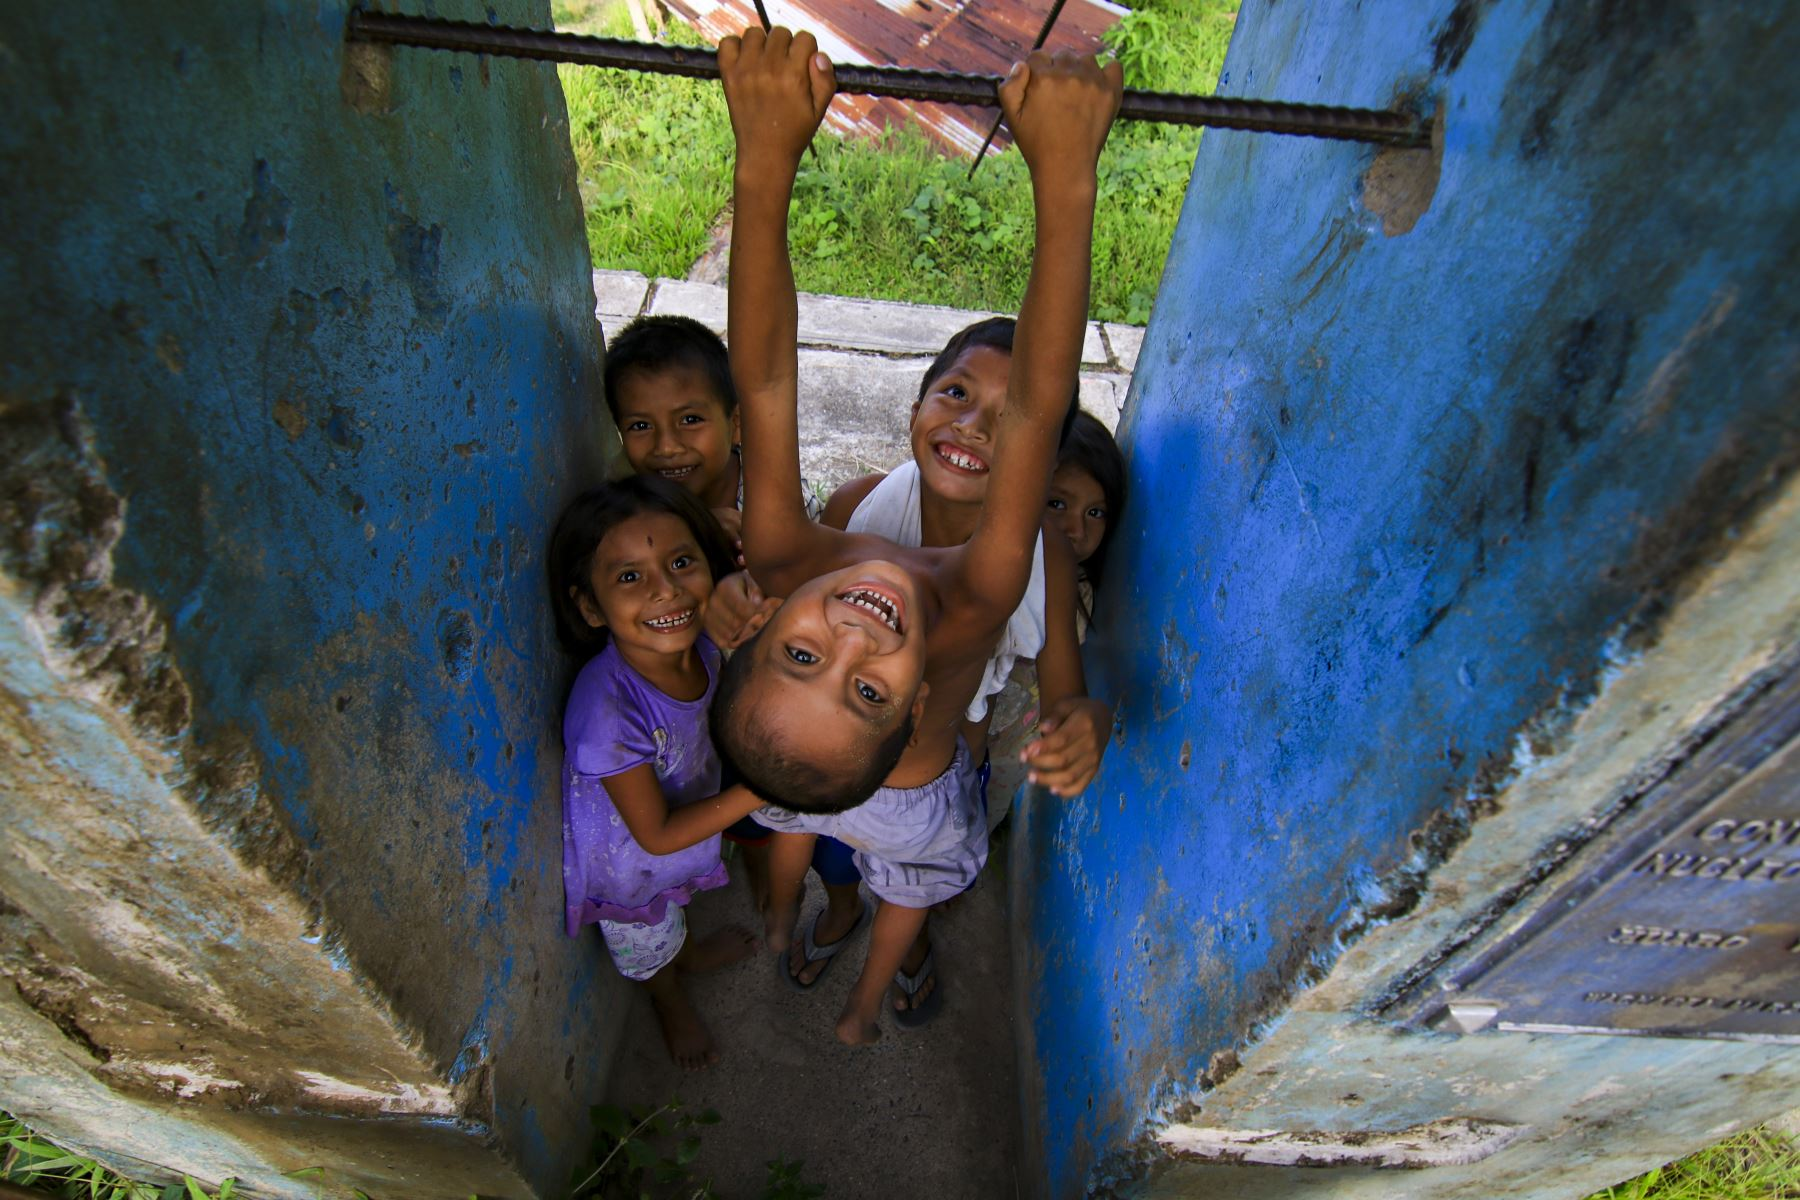 Niños juegan en su comunidad mientras esperan a sus padres. En Chiriaco, Amazonas. Foto: ANDINA/Juan Pablo Azabache